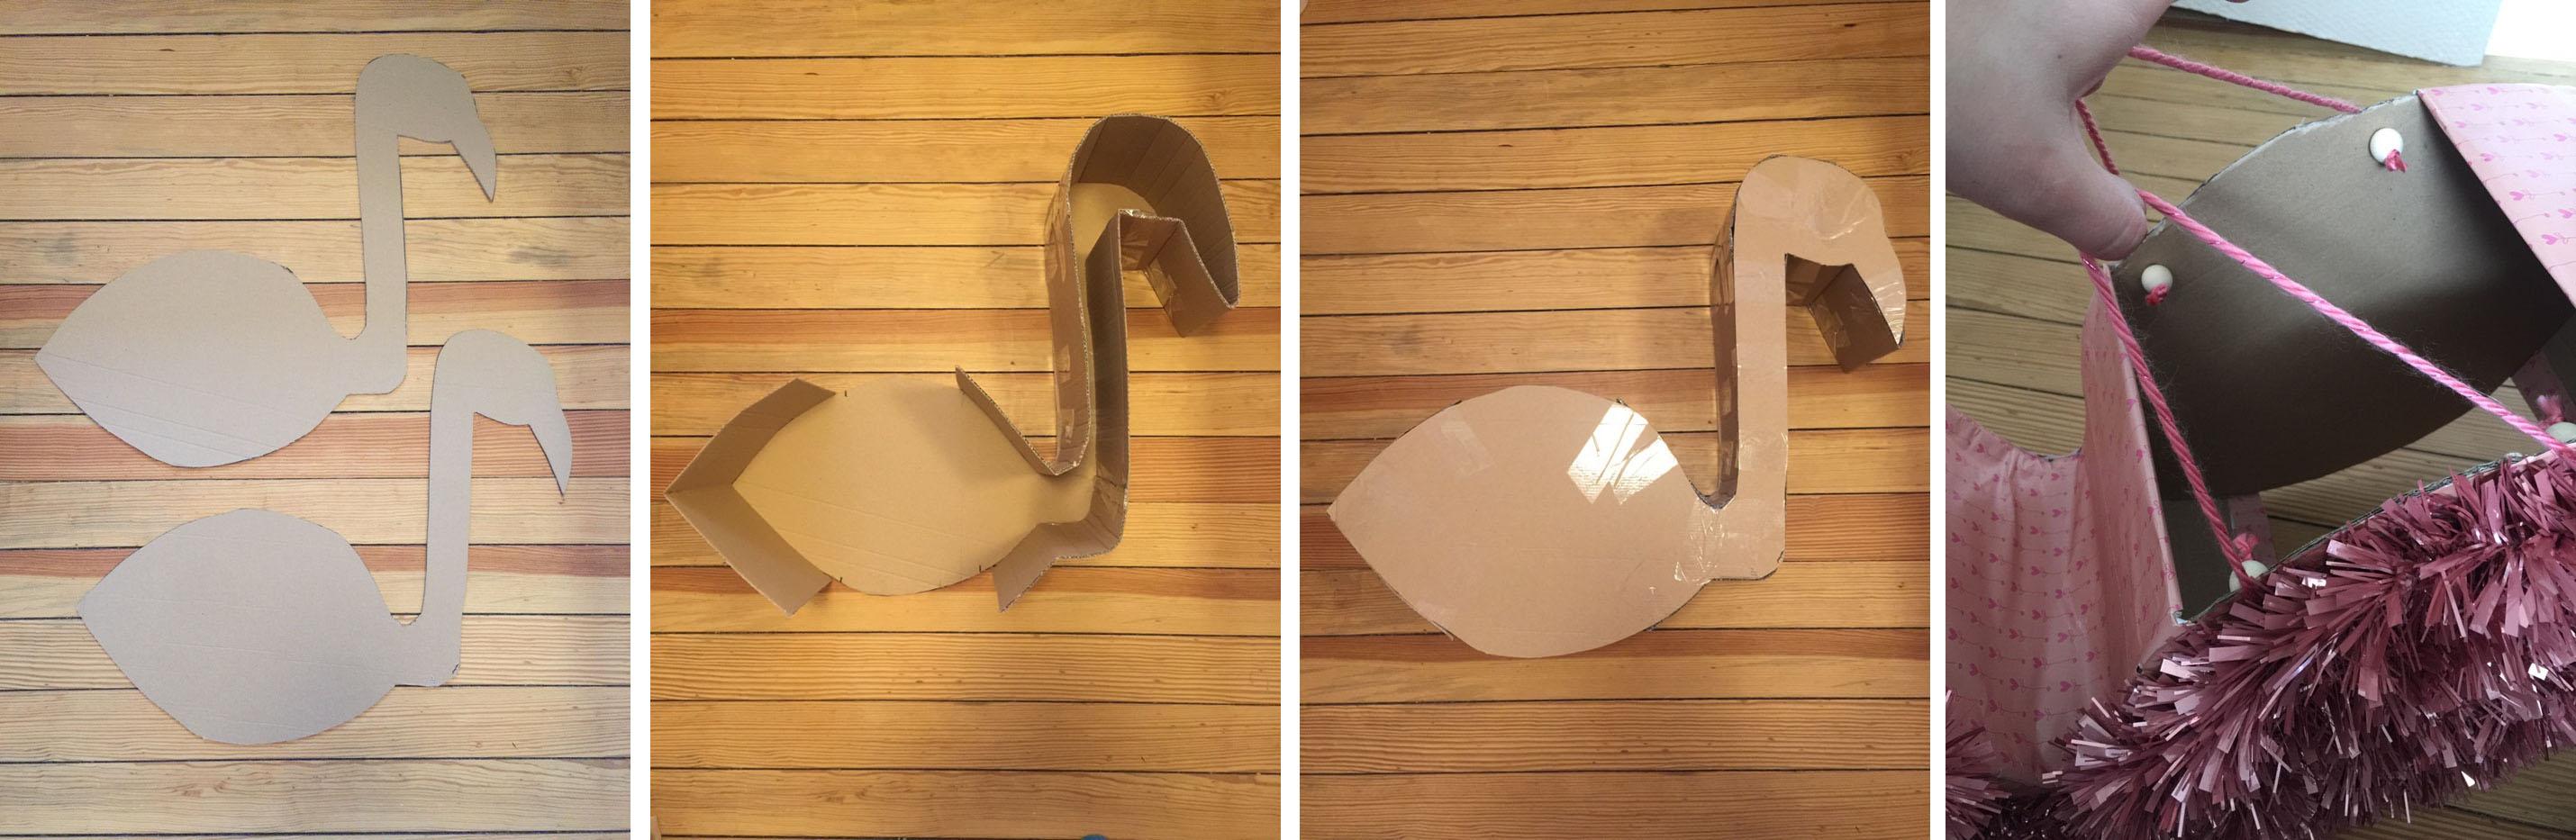 fasching archive dezentpink diy ideen f r kinder. Black Bedroom Furniture Sets. Home Design Ideas